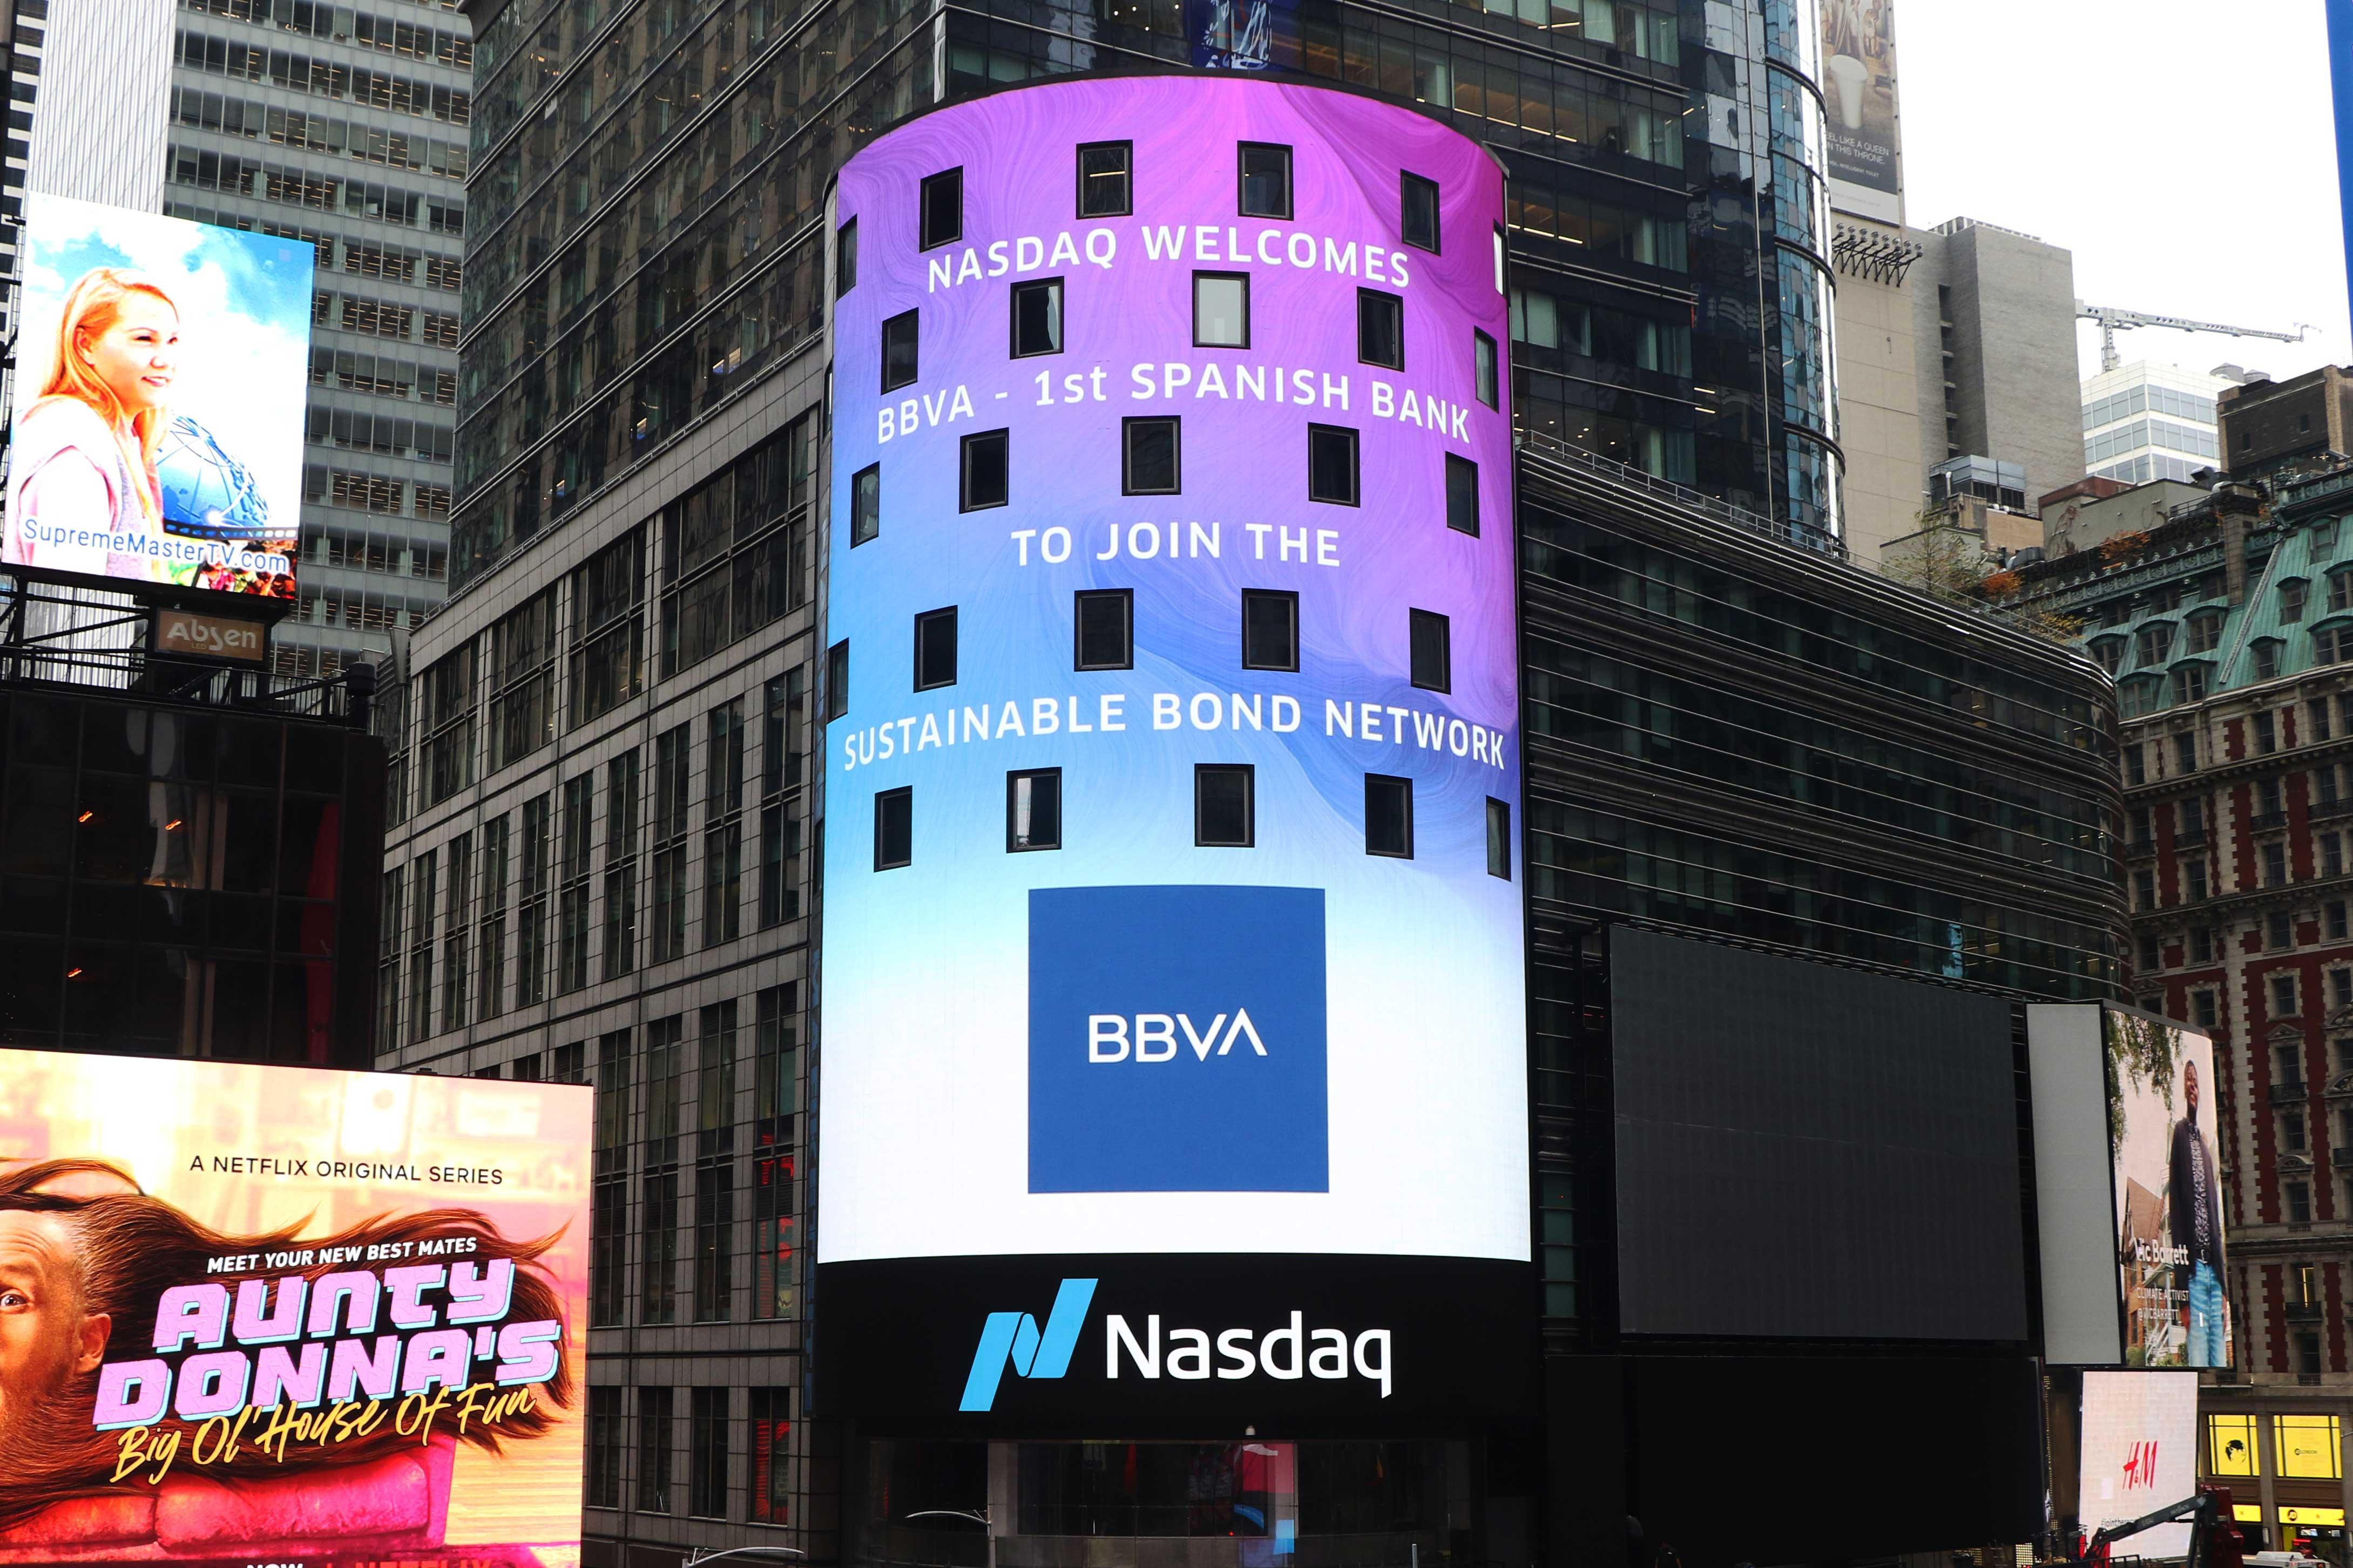 BBVA, primer banco español en el mercado de deuda sostenible del Nasdaq